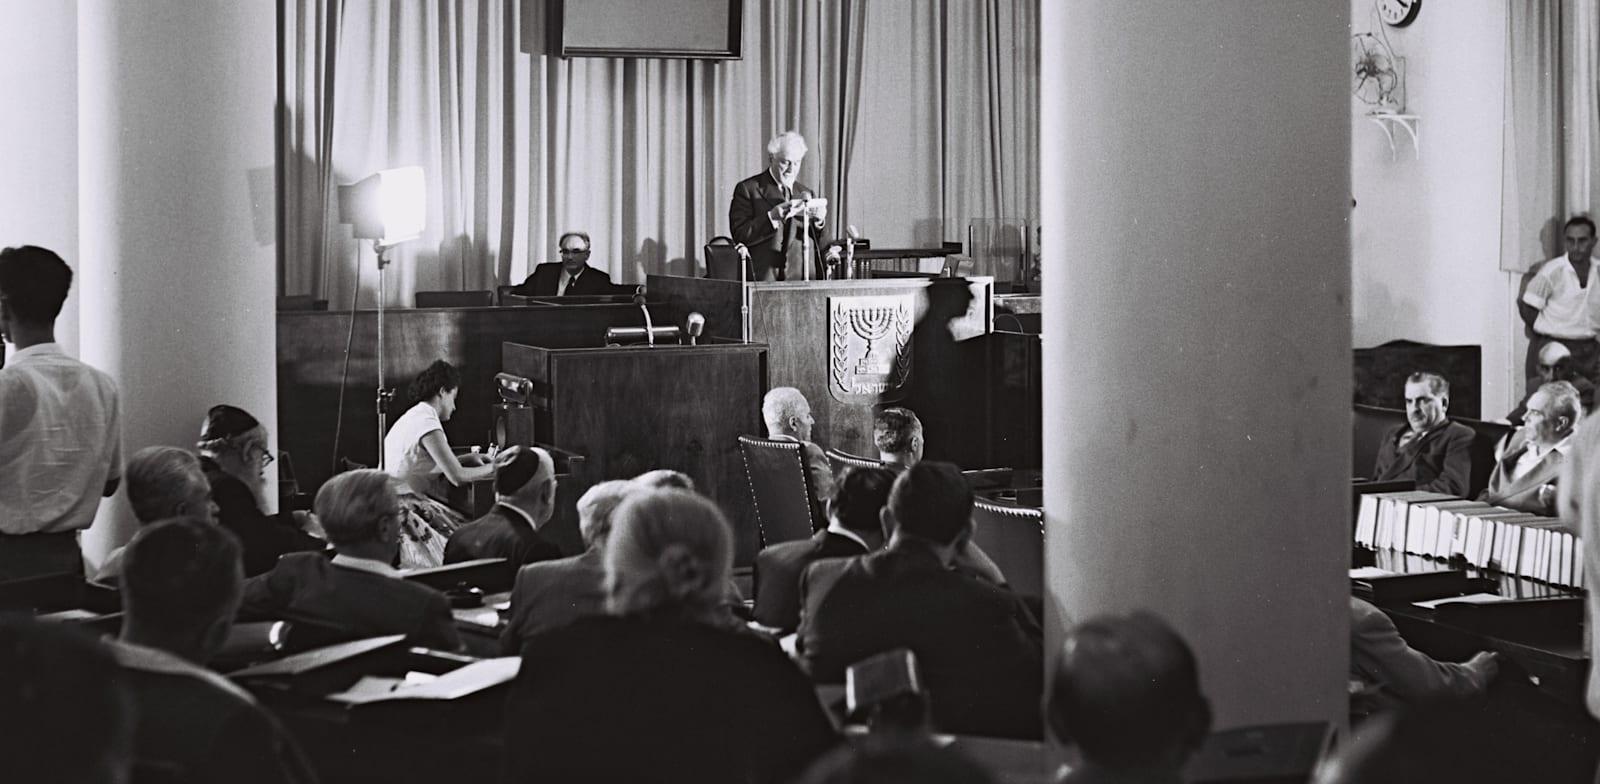 הרב נורוק נואם כזקן חברי הכנסת בפתיחת מושב הכנסת השלישית, 1955 / צילום: לע''מ - משה פרידמן